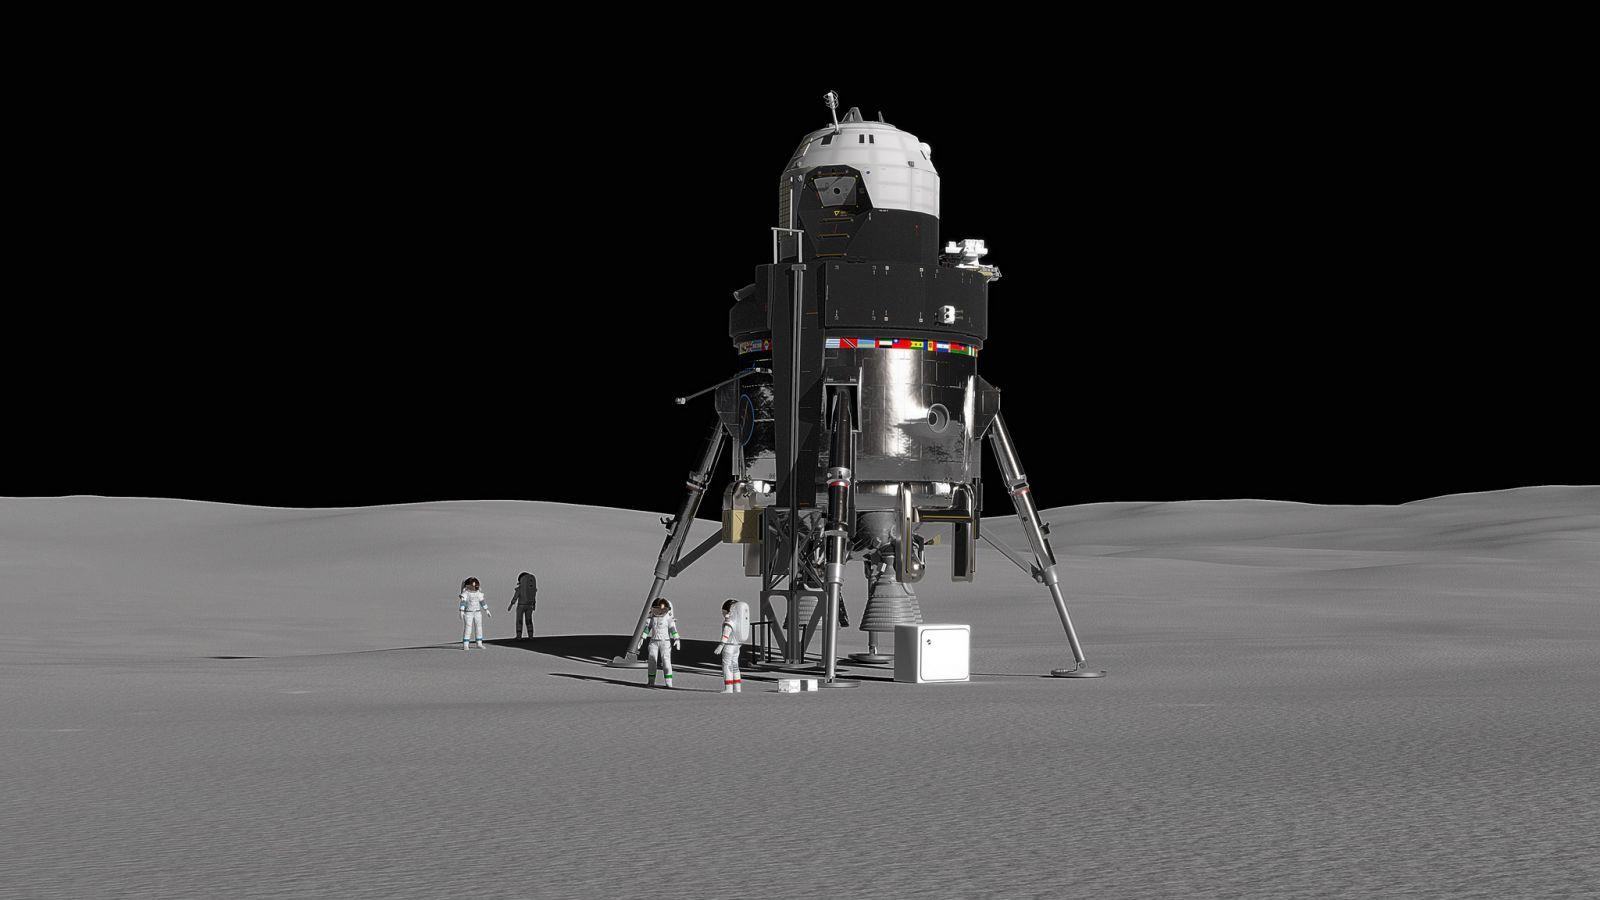 Lockheed Martin Reusable Lunar Lander Concept